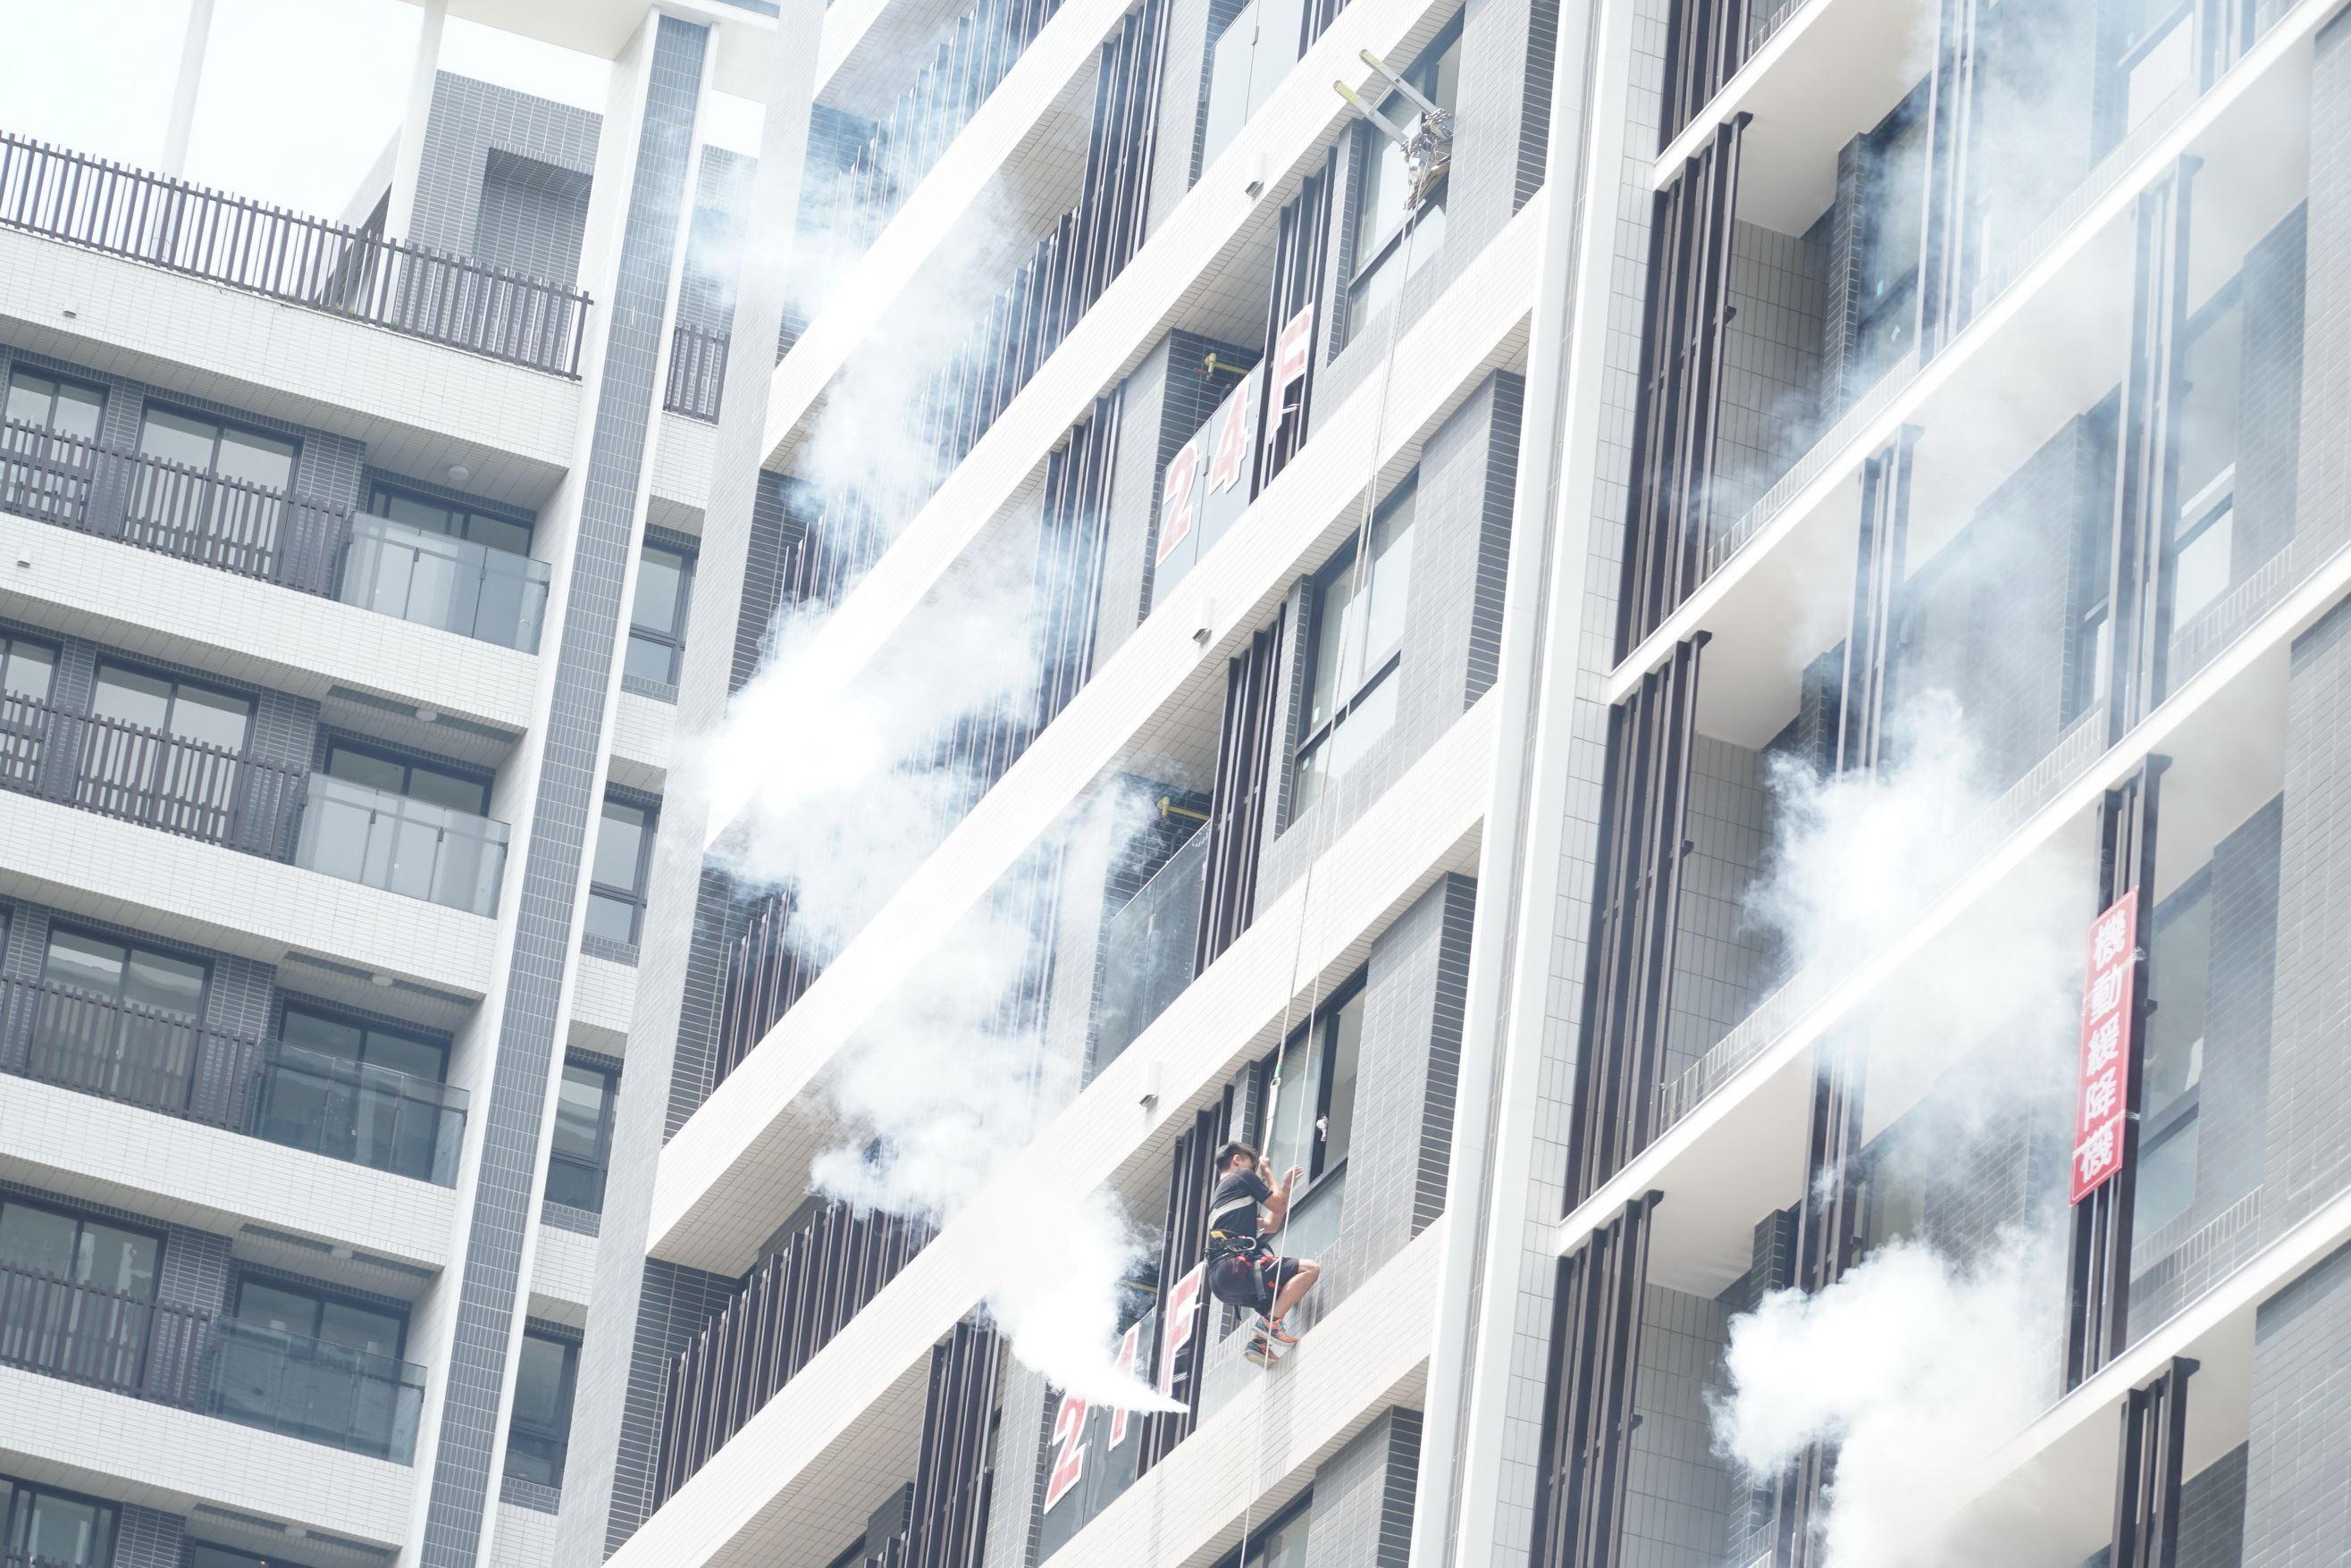 新竹縣消防局高樓救災戰術升級 研發「機動緩降機救援法」15層以上也適用